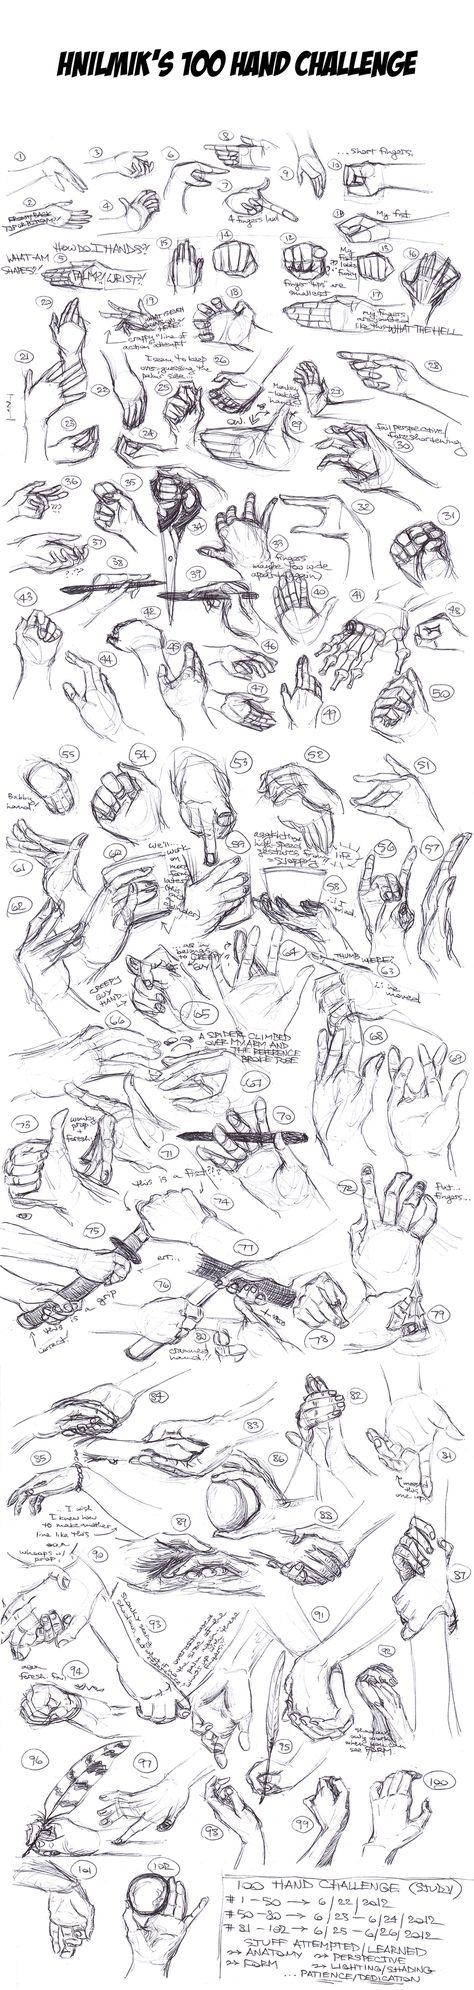 100 Hand Challenge (Hand Studies) by ~Hnilmik on deviantART